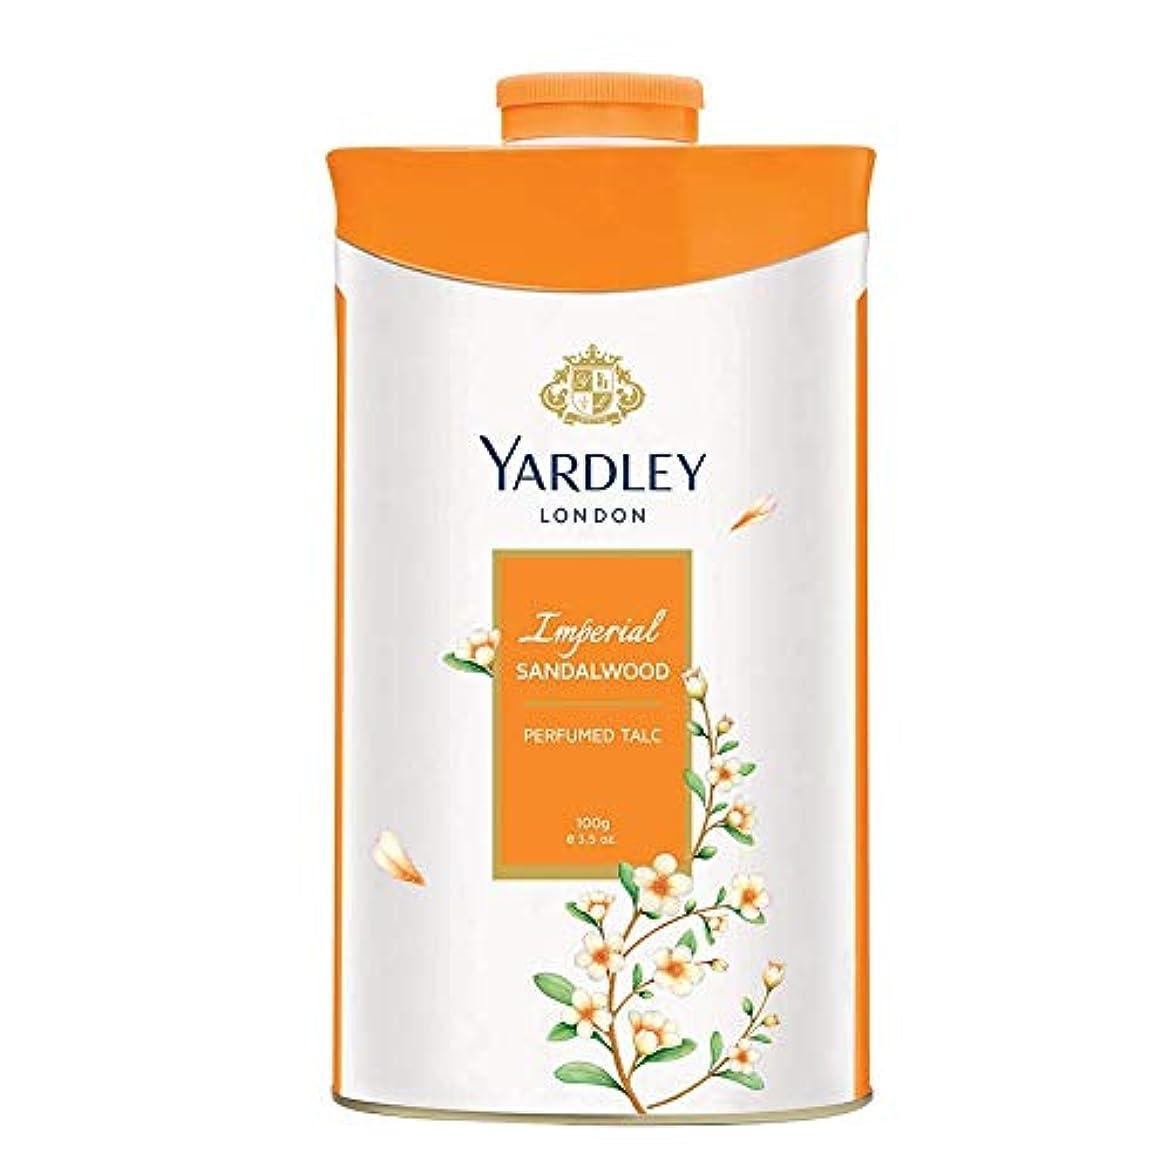 コミットメント味方ウォルターカニンガムYardley London Perfumed Talc Sandalwood 100gヤードレーロンドンパフュームタルクサンダルウッド100グラム